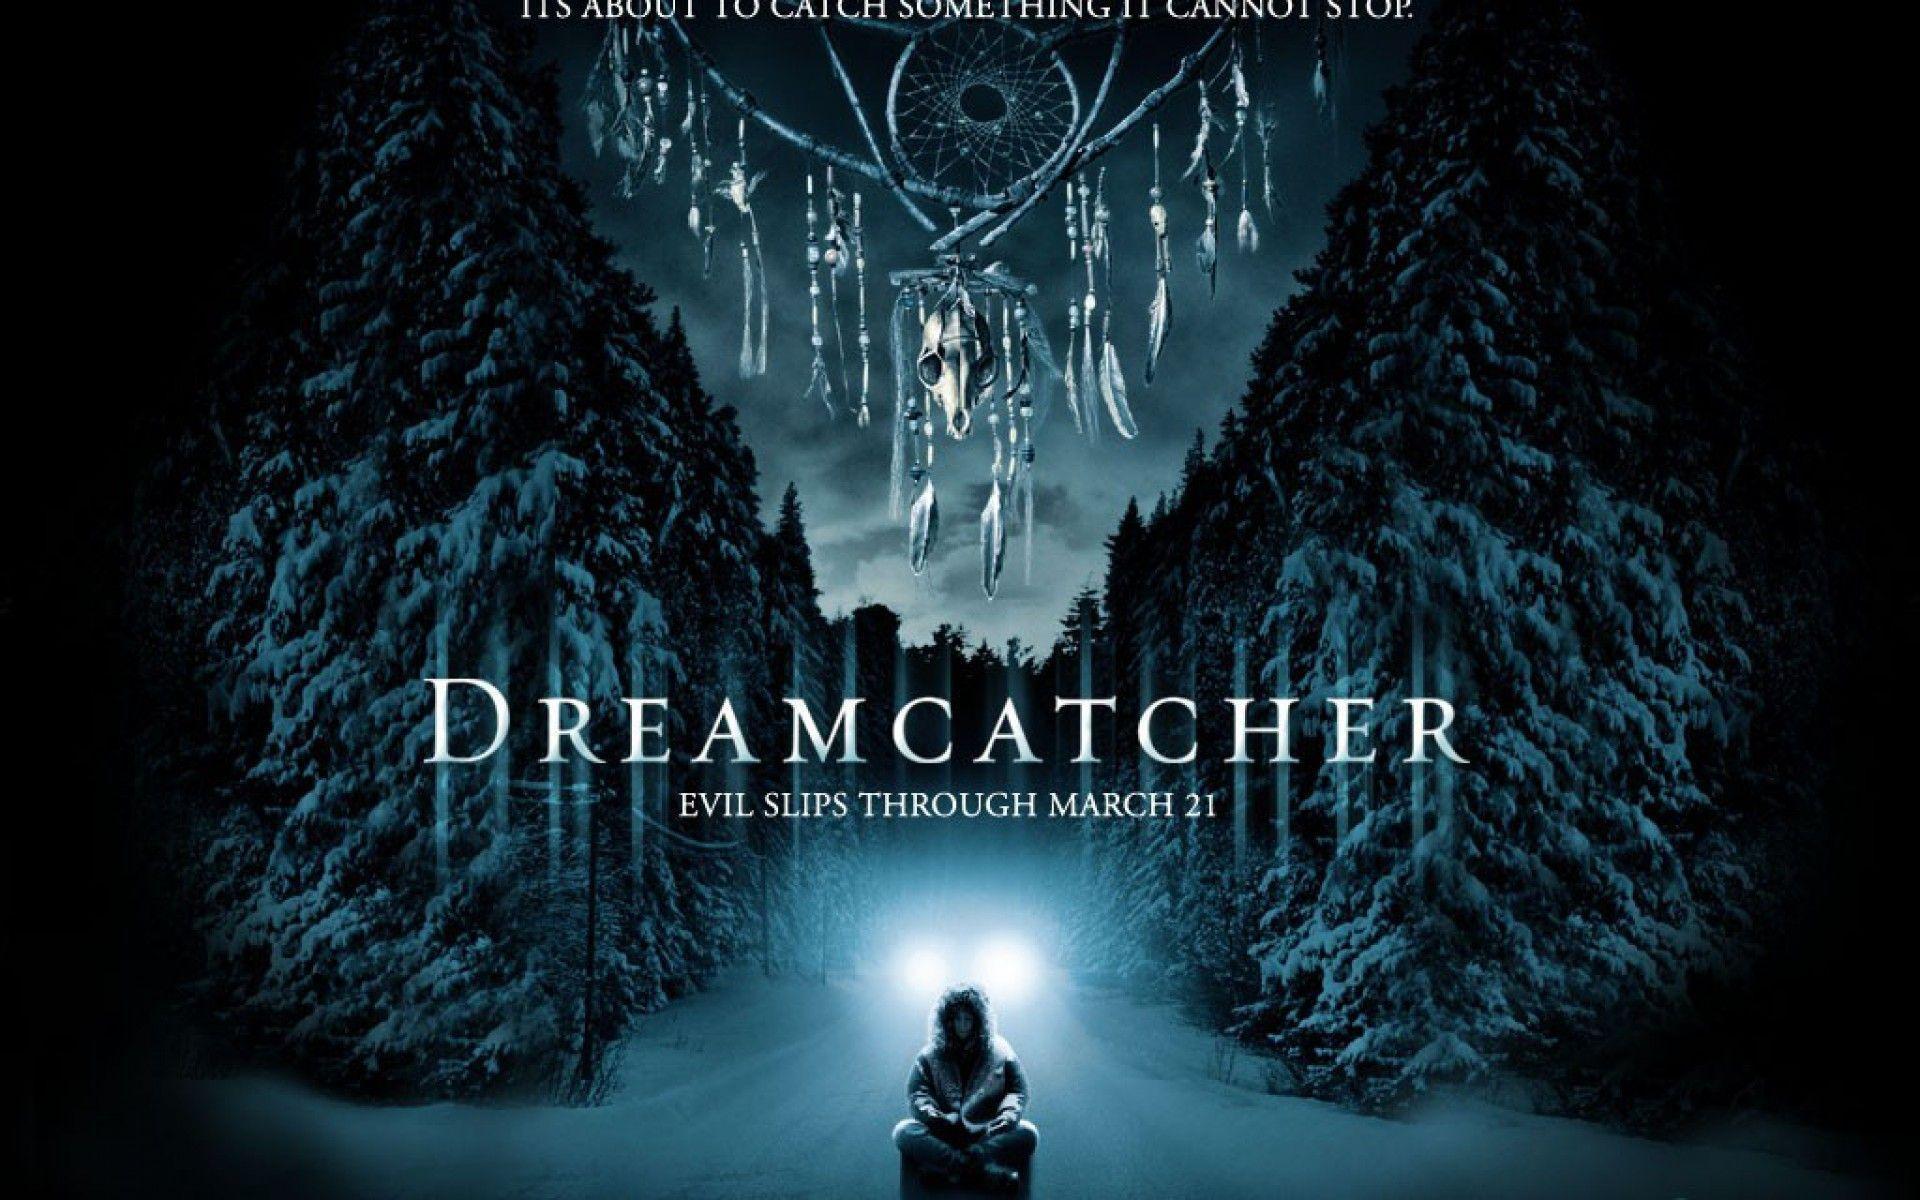 Dreamcatcher 725 - Dreamcatcher Wallpaper